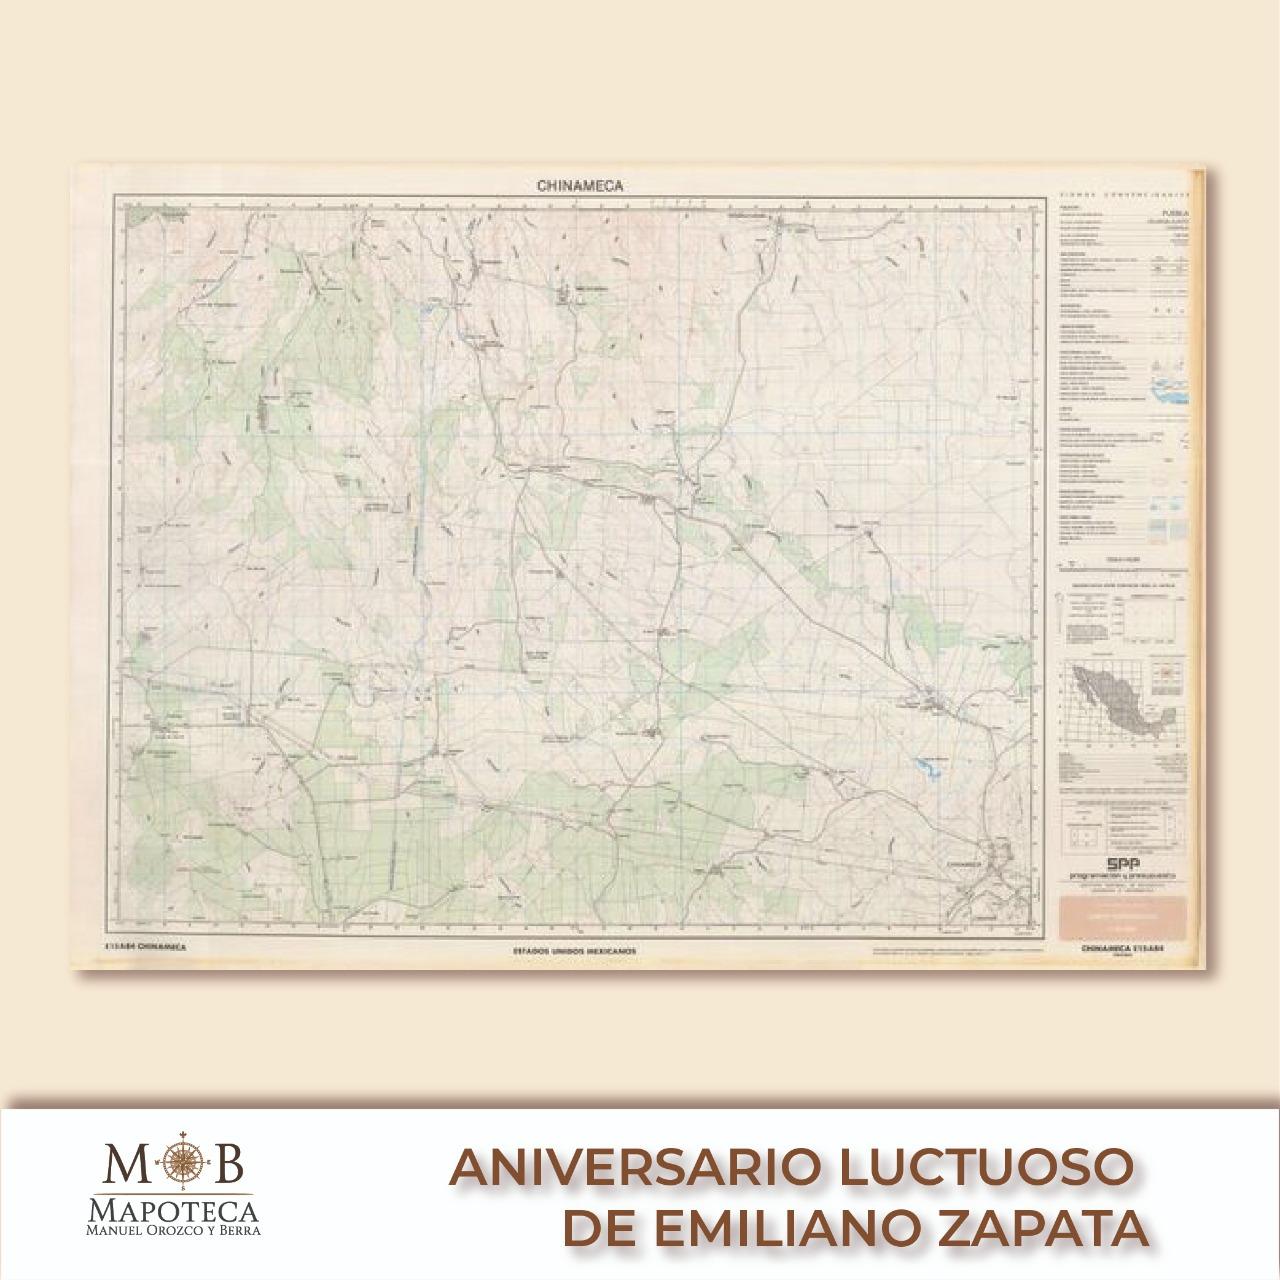 """Para conmemorar el aniversario luctuoso de Emiliano Zapata, la Mapoteca Manuel Orozco y Berra presenta esta imagen titulada: """"Chinameca""""."""